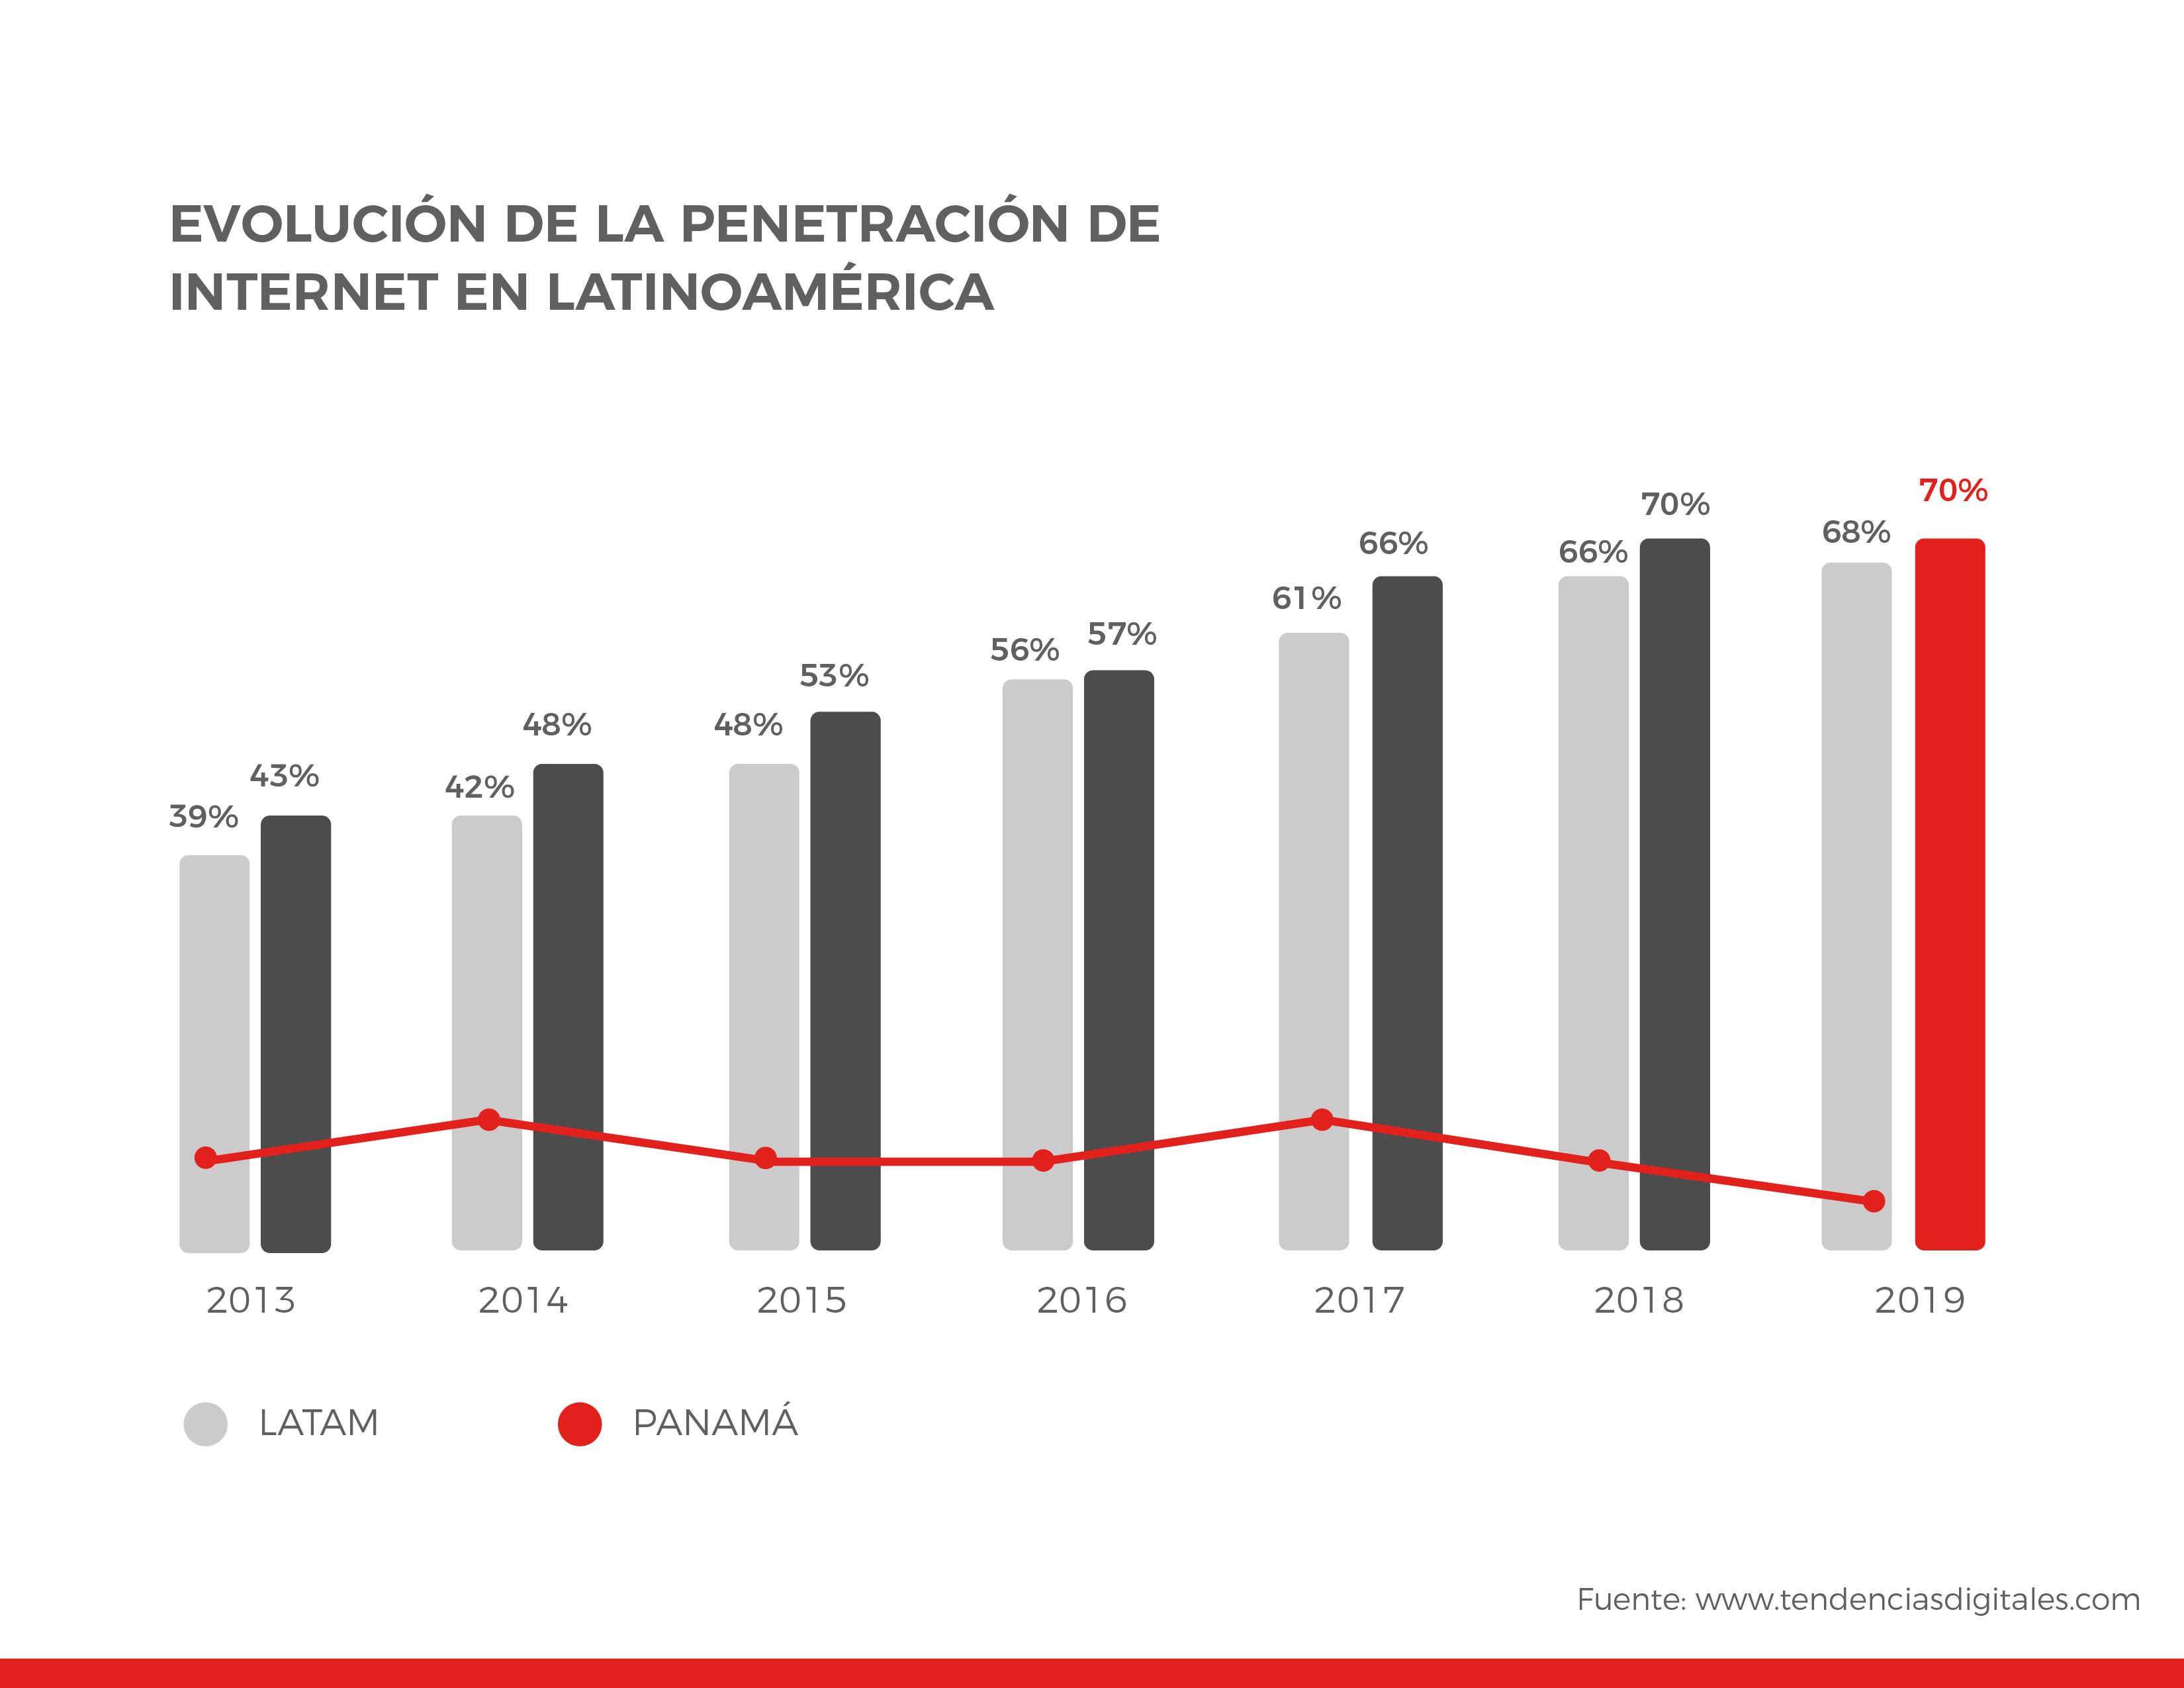 Comparativo entre América Latina y Panamá